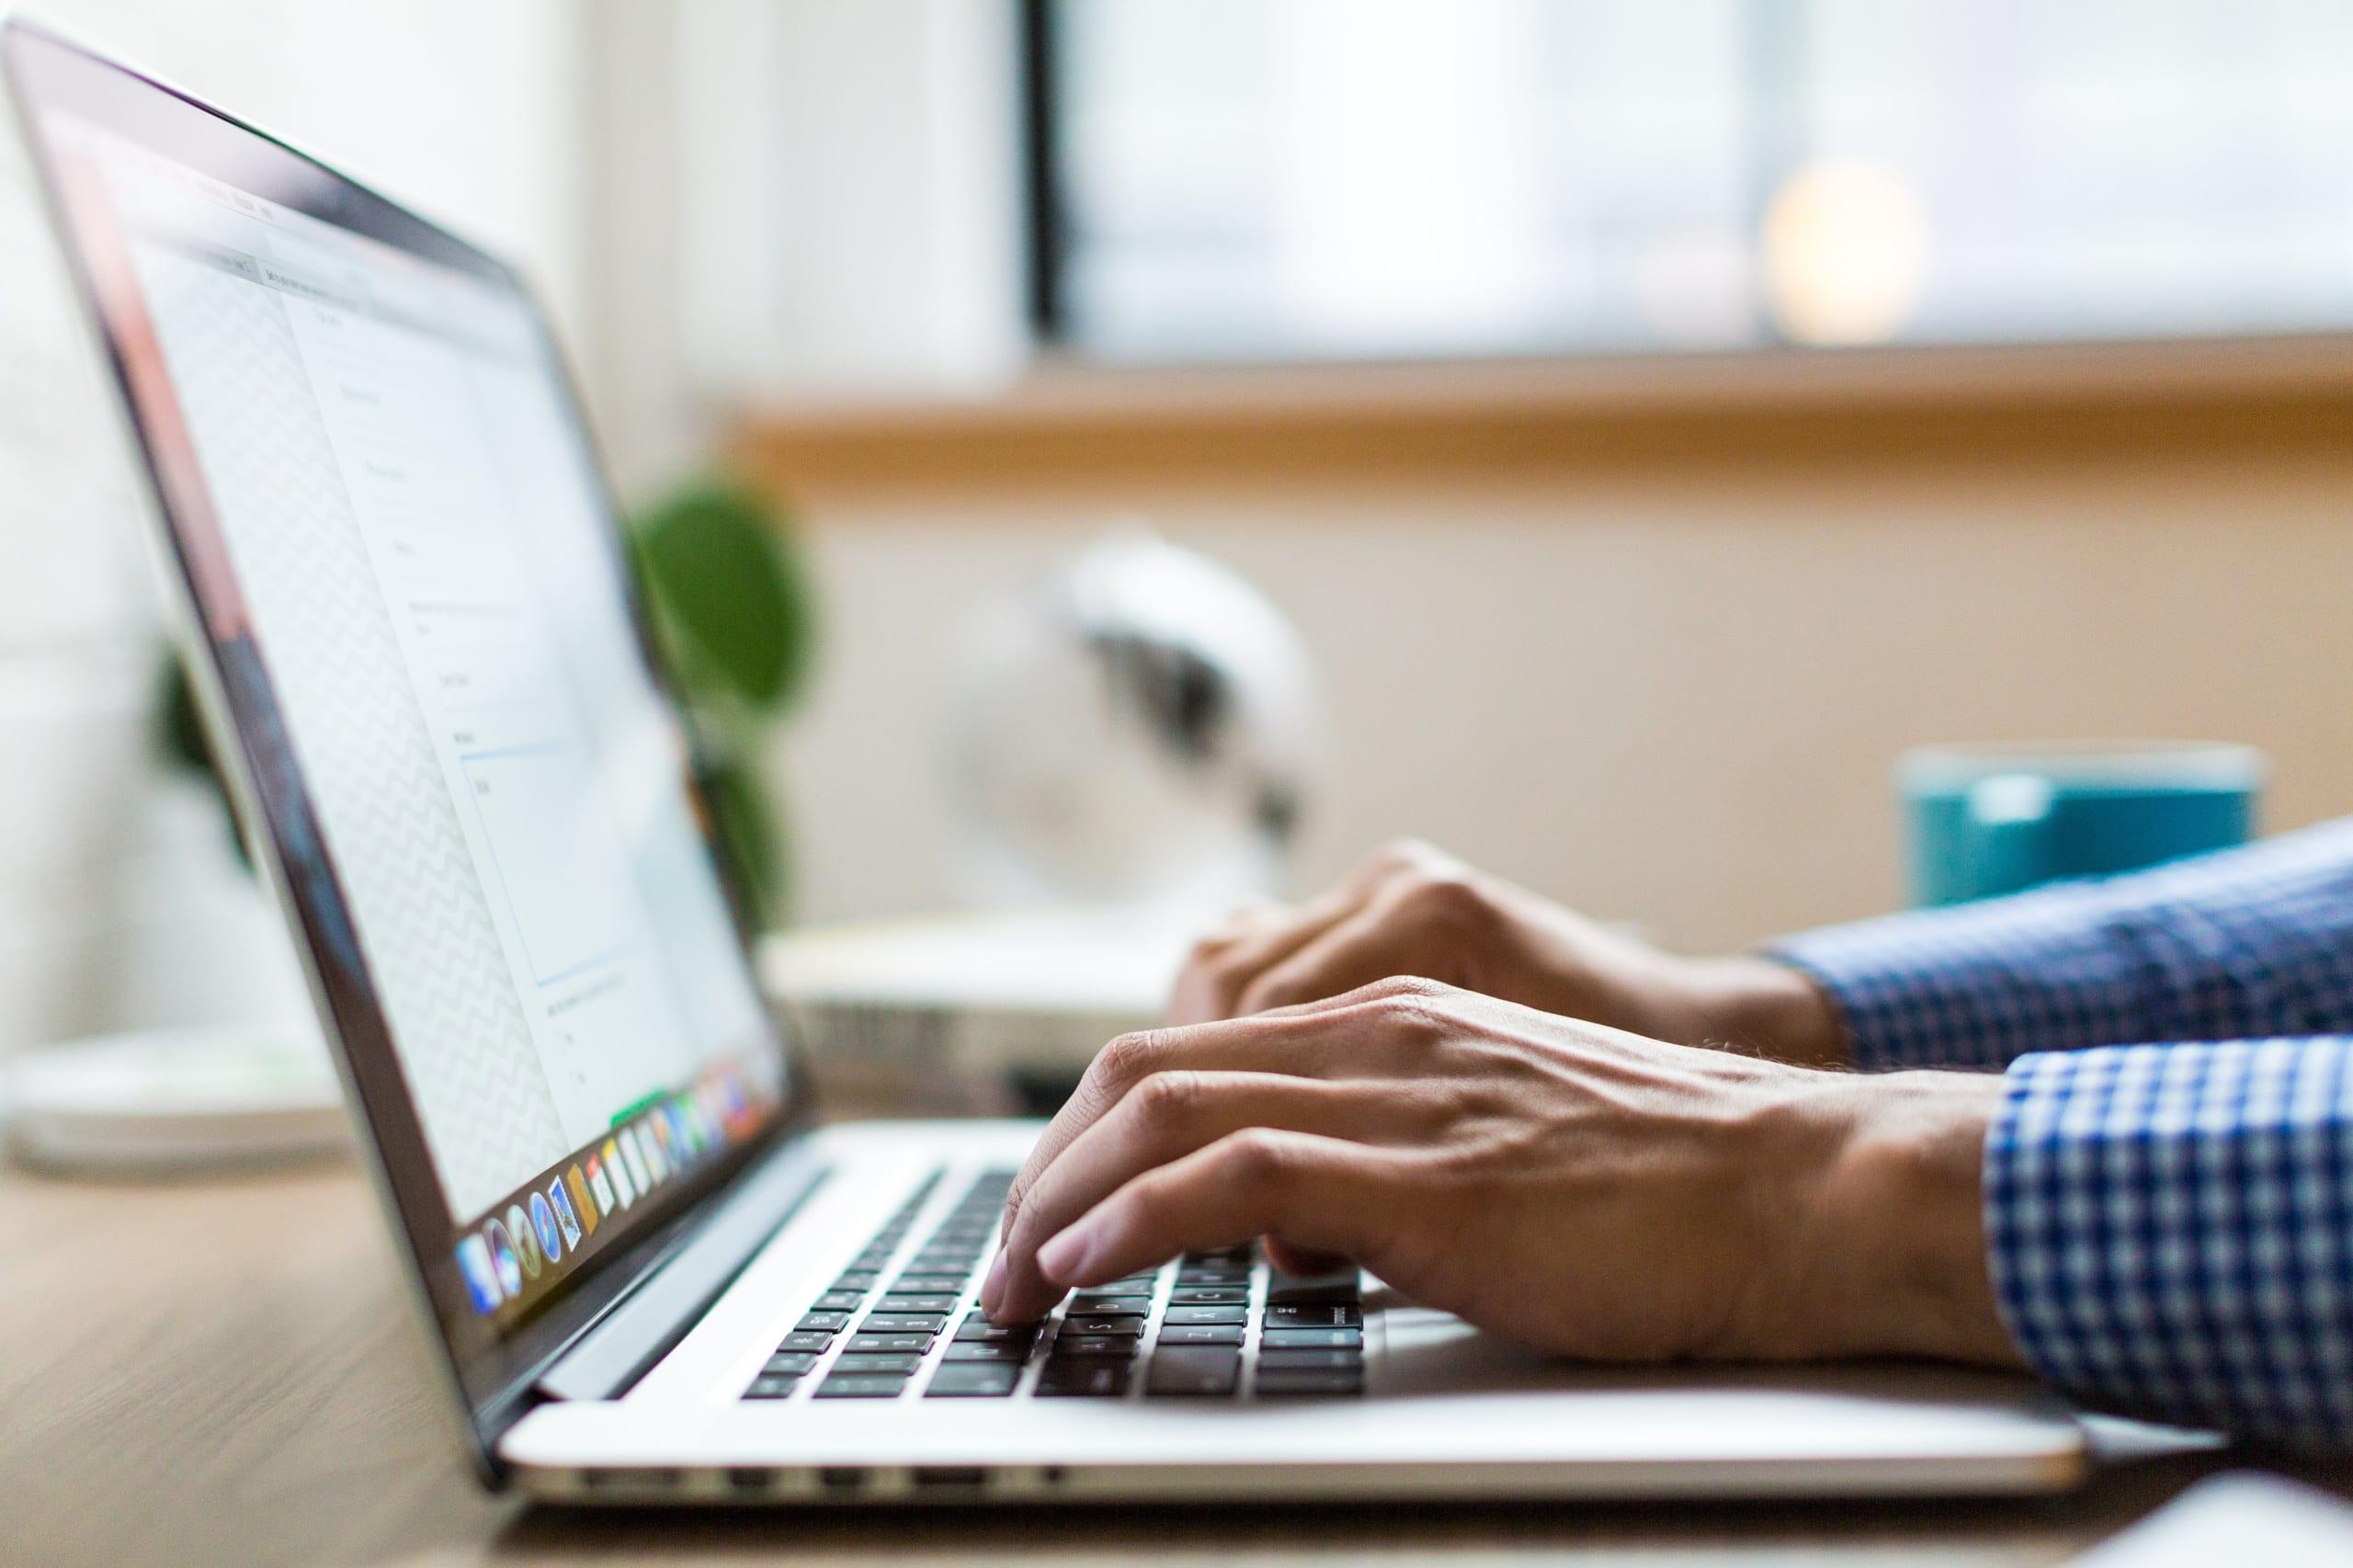 man_using_laptop